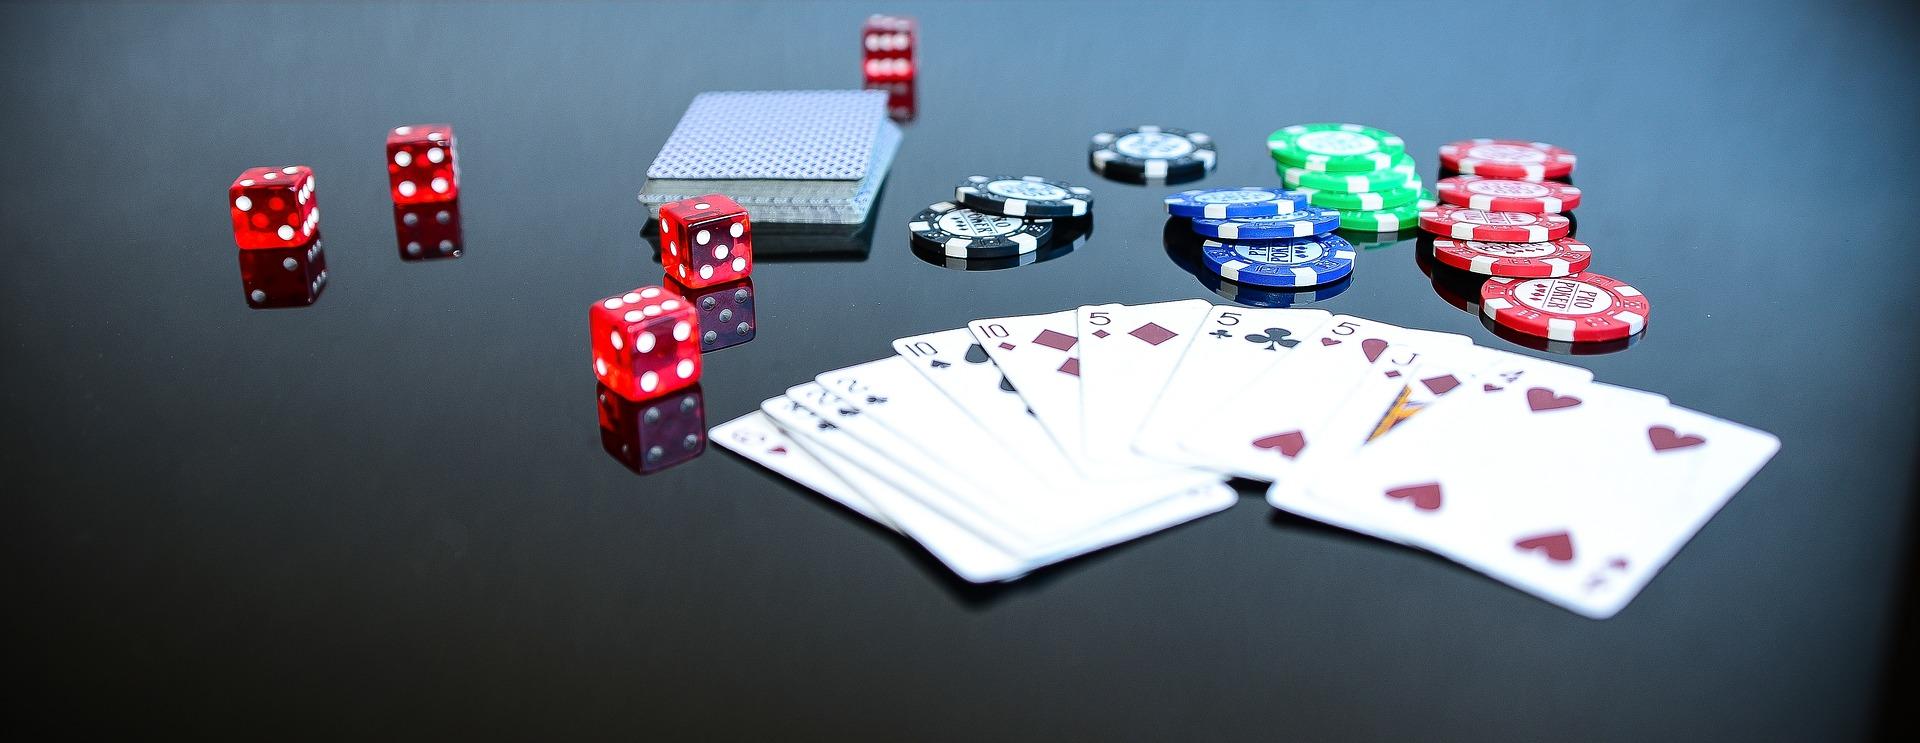 Prēmijas un prasības, kas attiecas uz tiešsaistes kazino